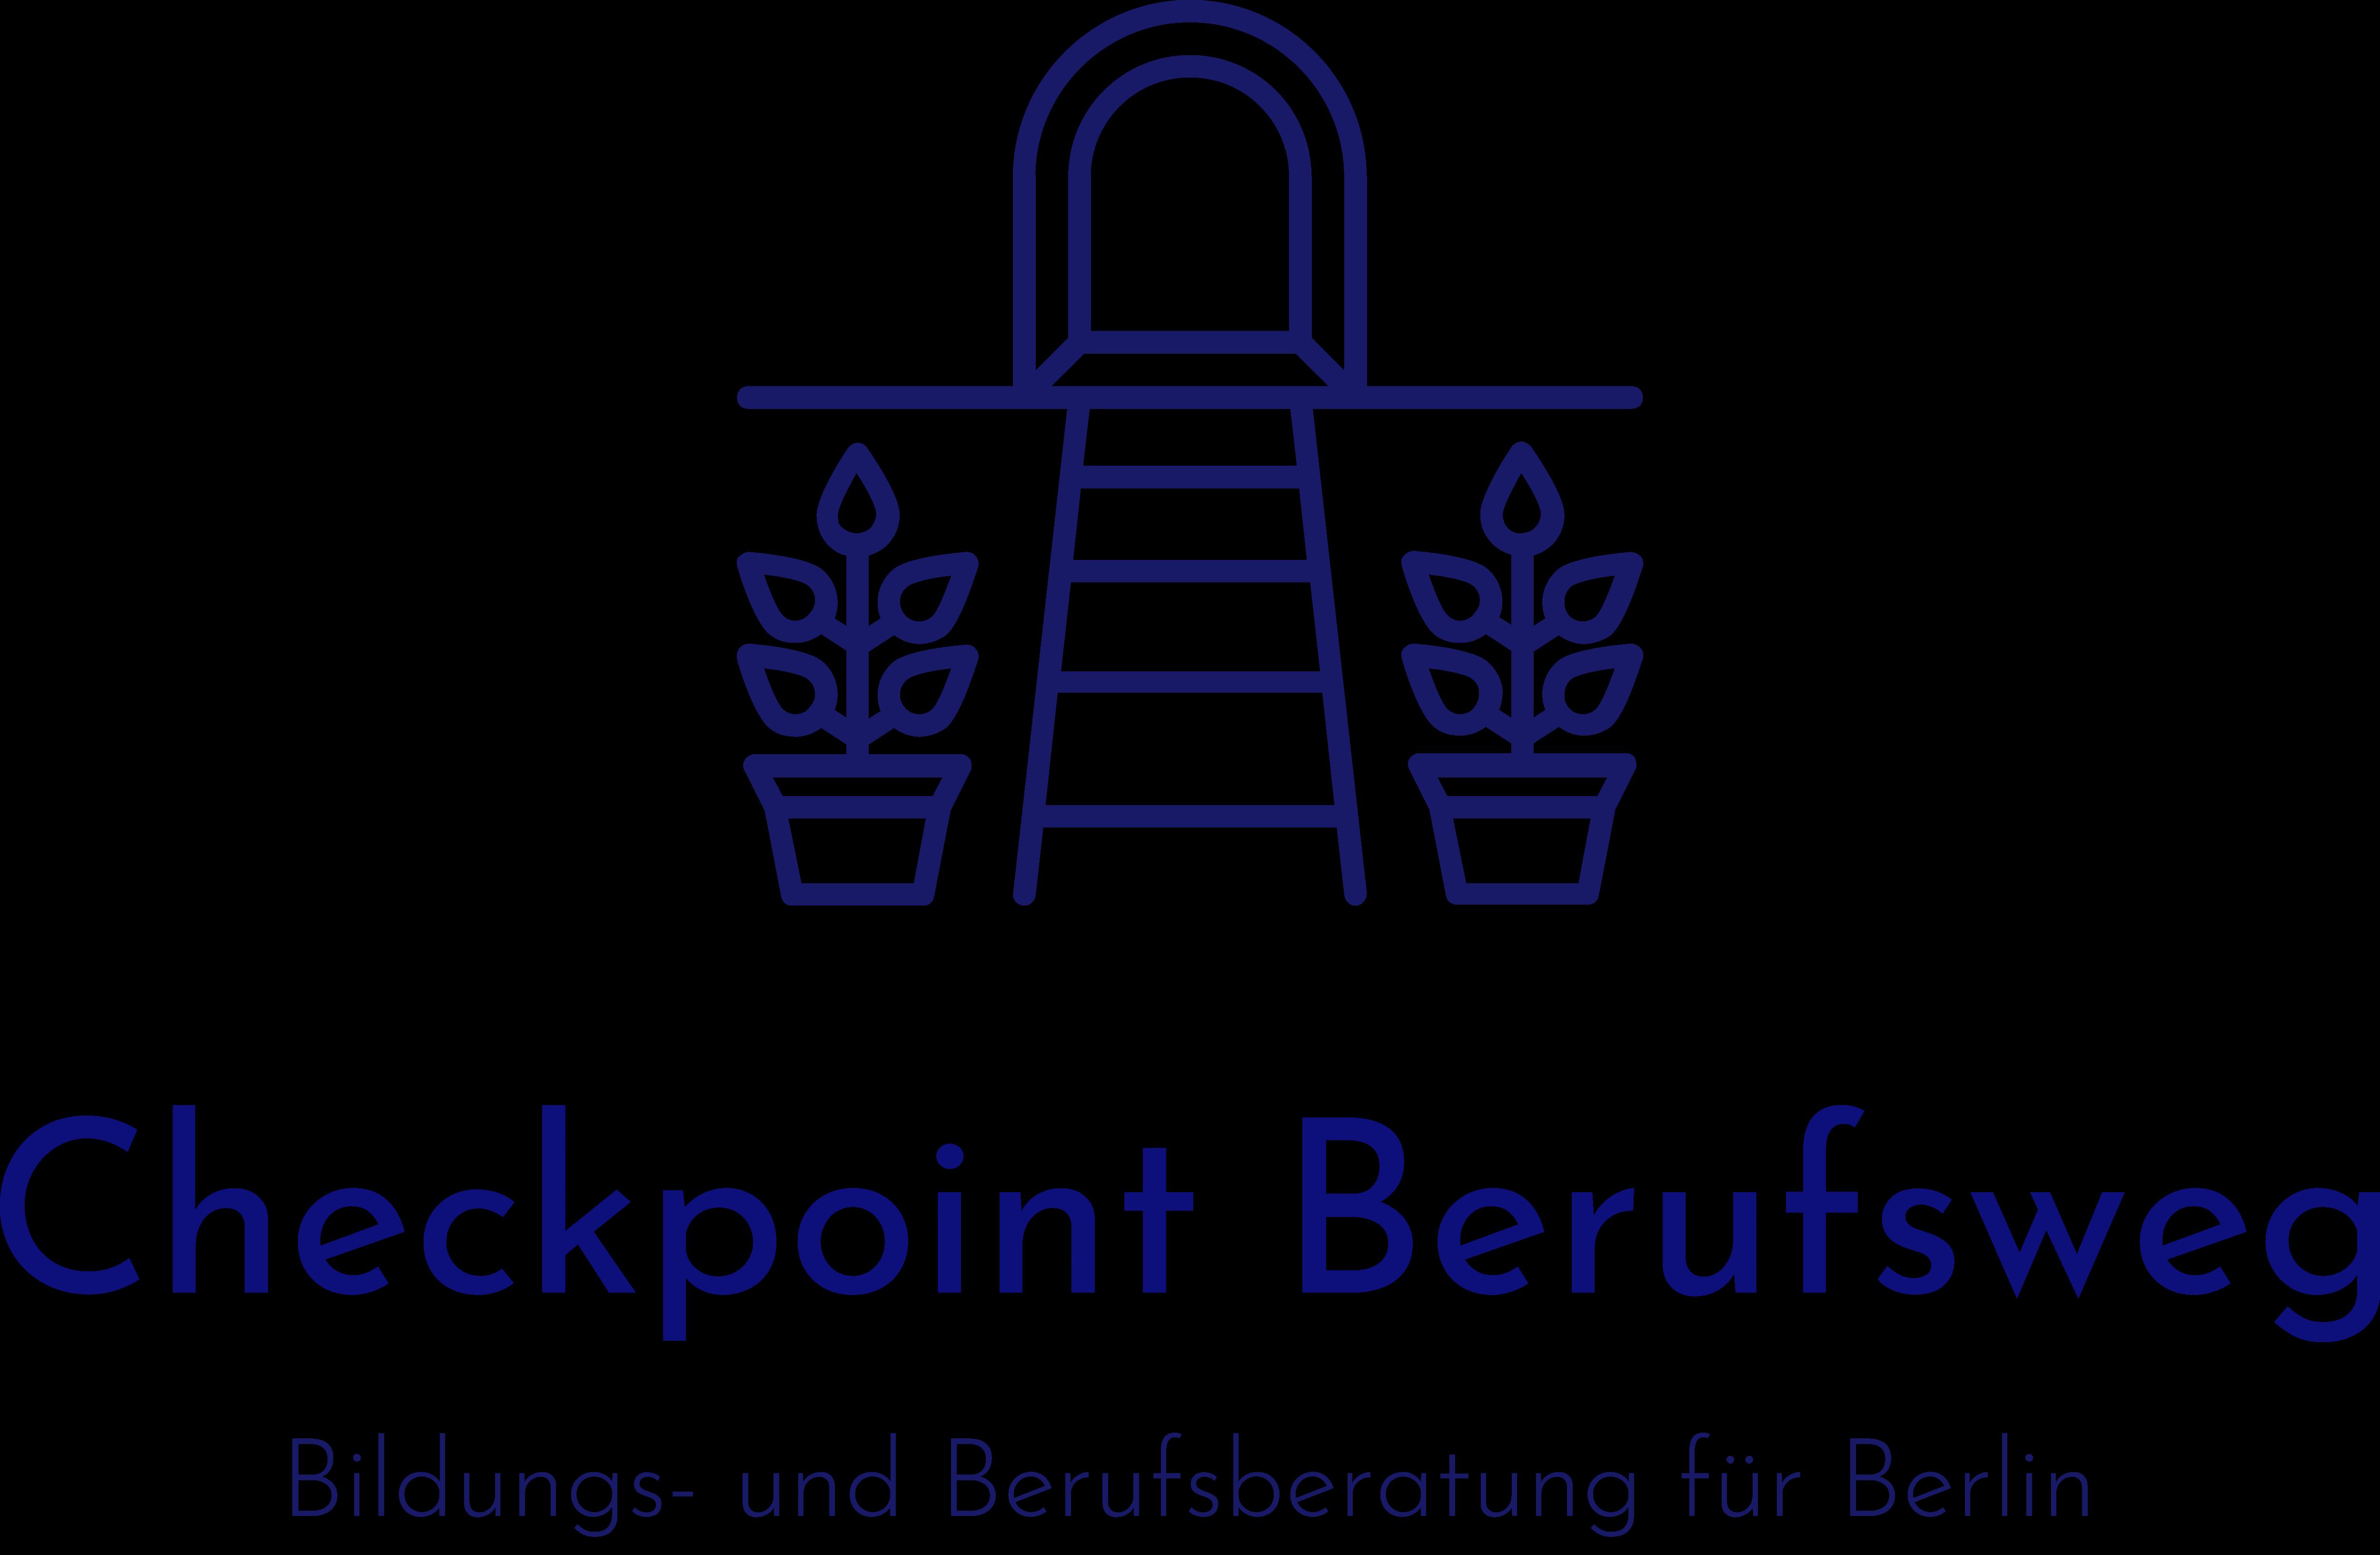 Checkpoint Berufsweg